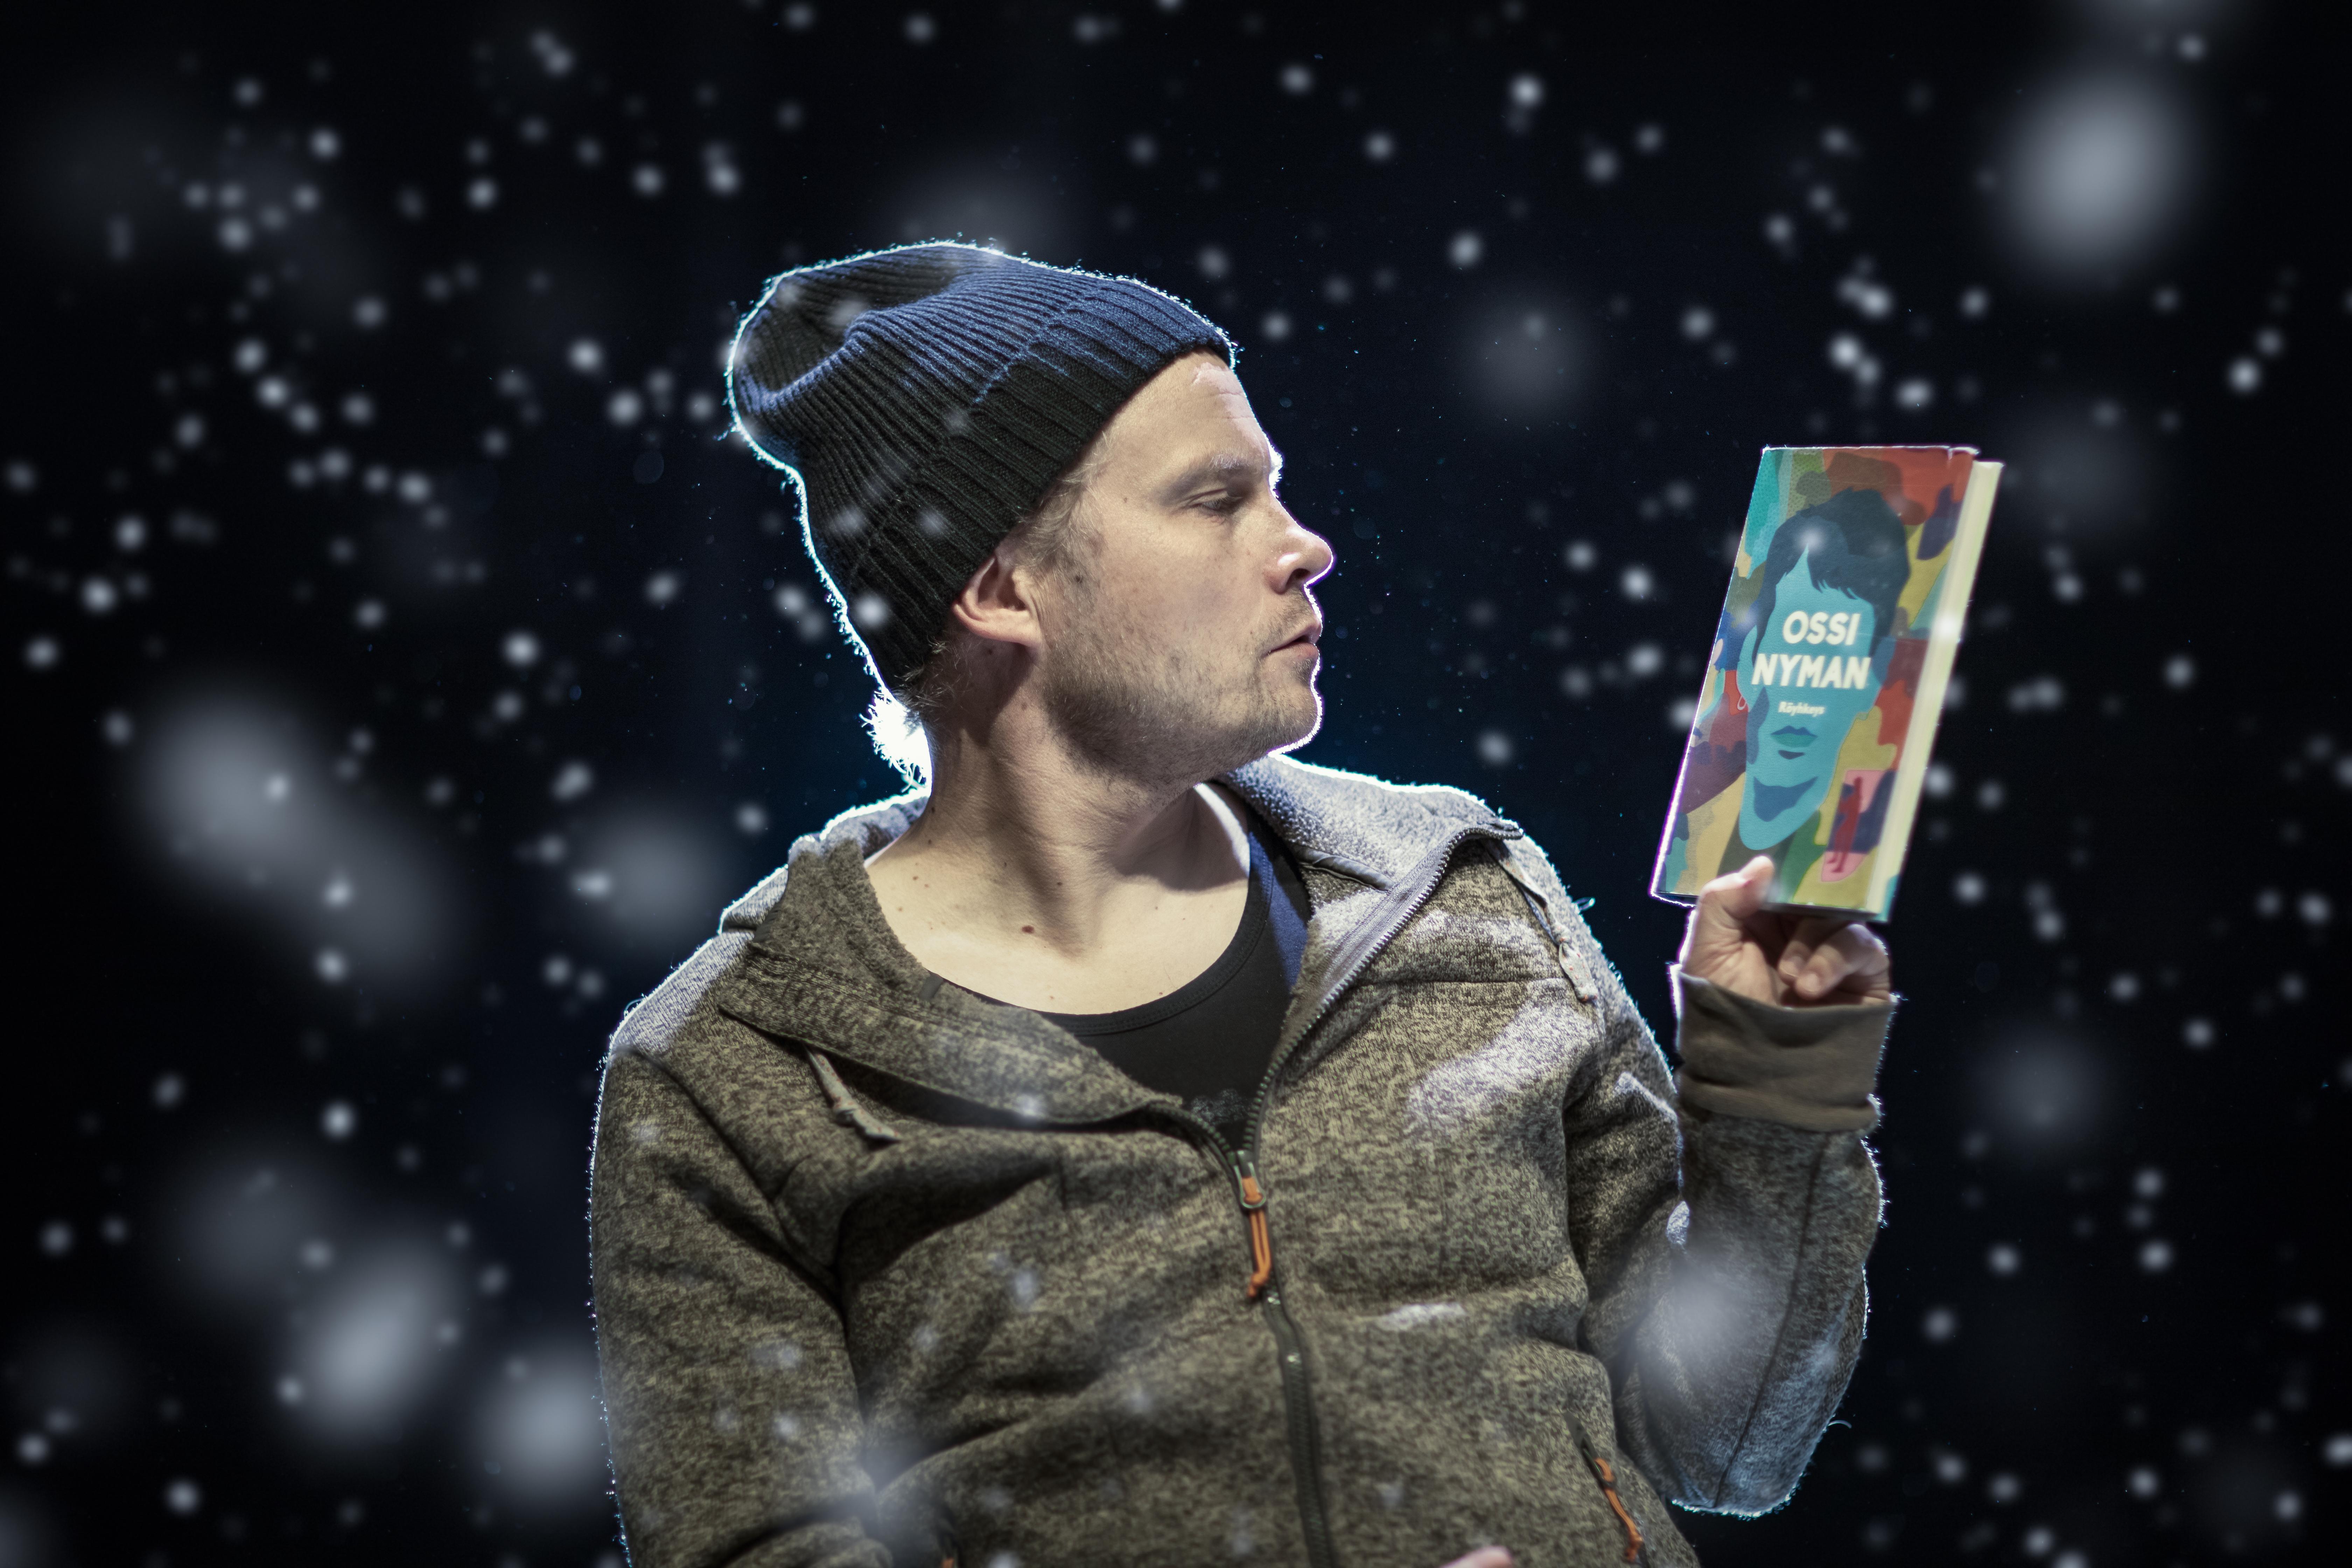 Näyttelijä Mikko Lauronen lukemassa kirjaa.